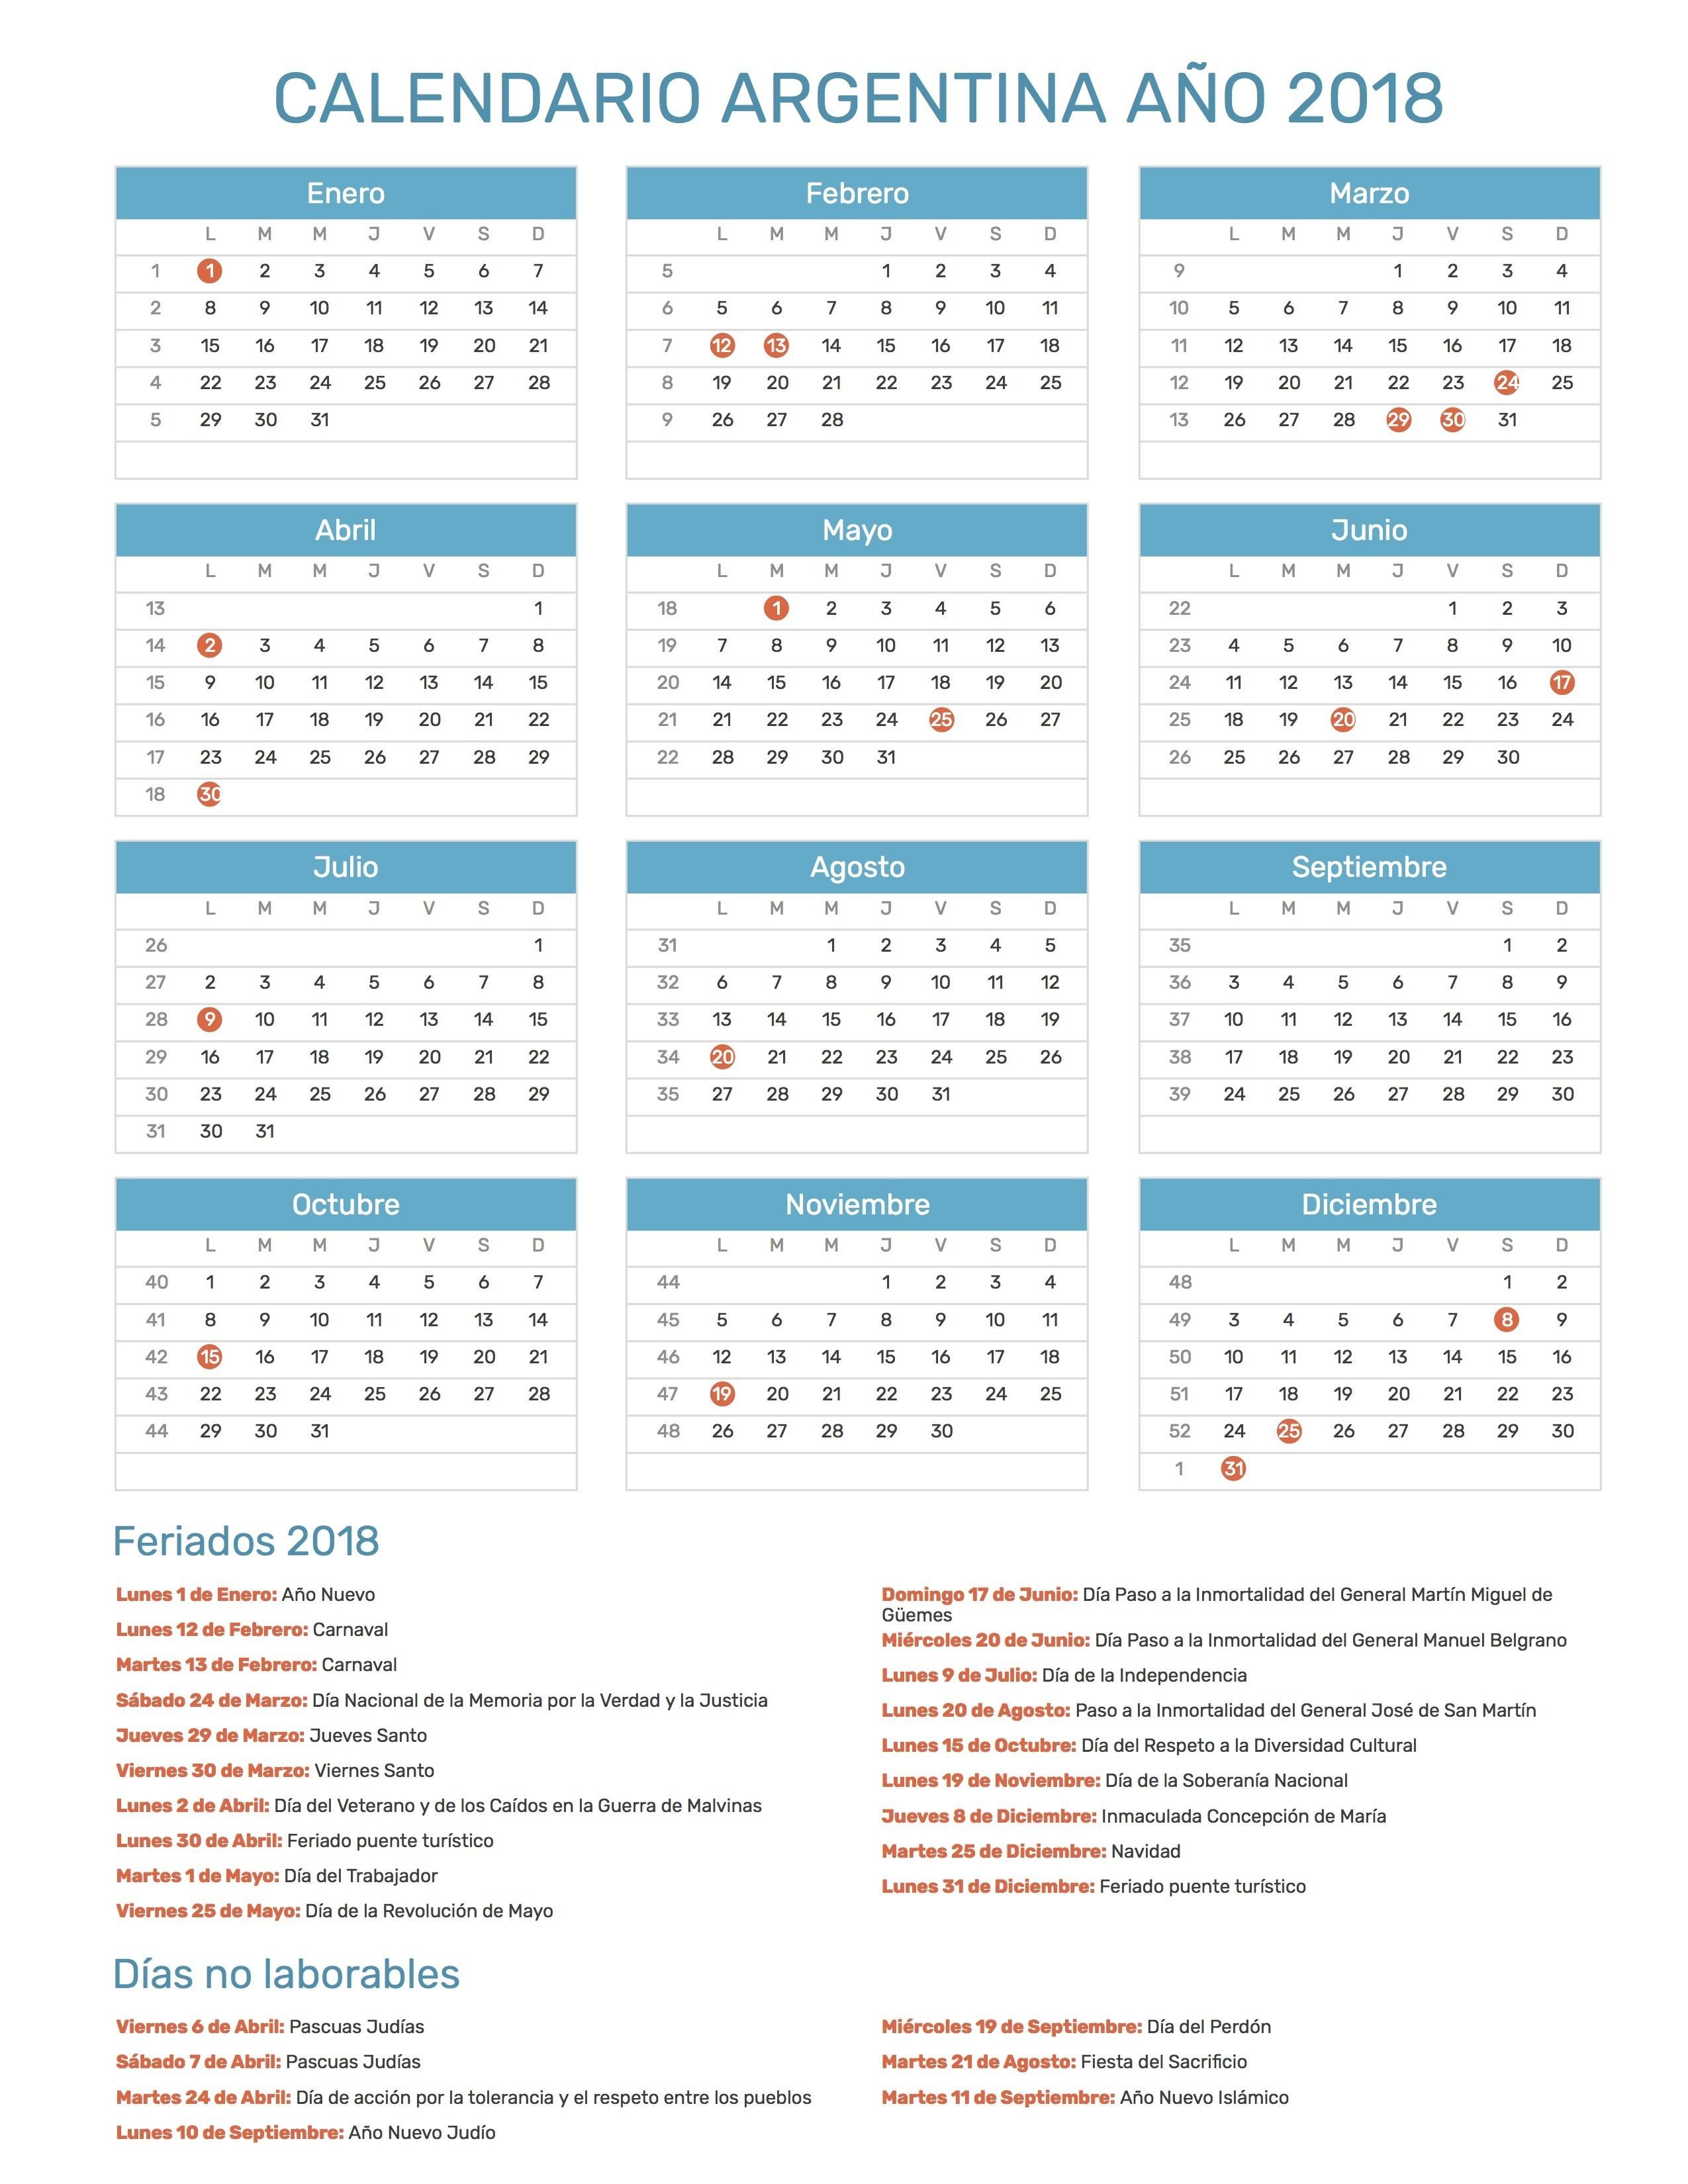 Calendario Argentina Ao 2018 Feriados